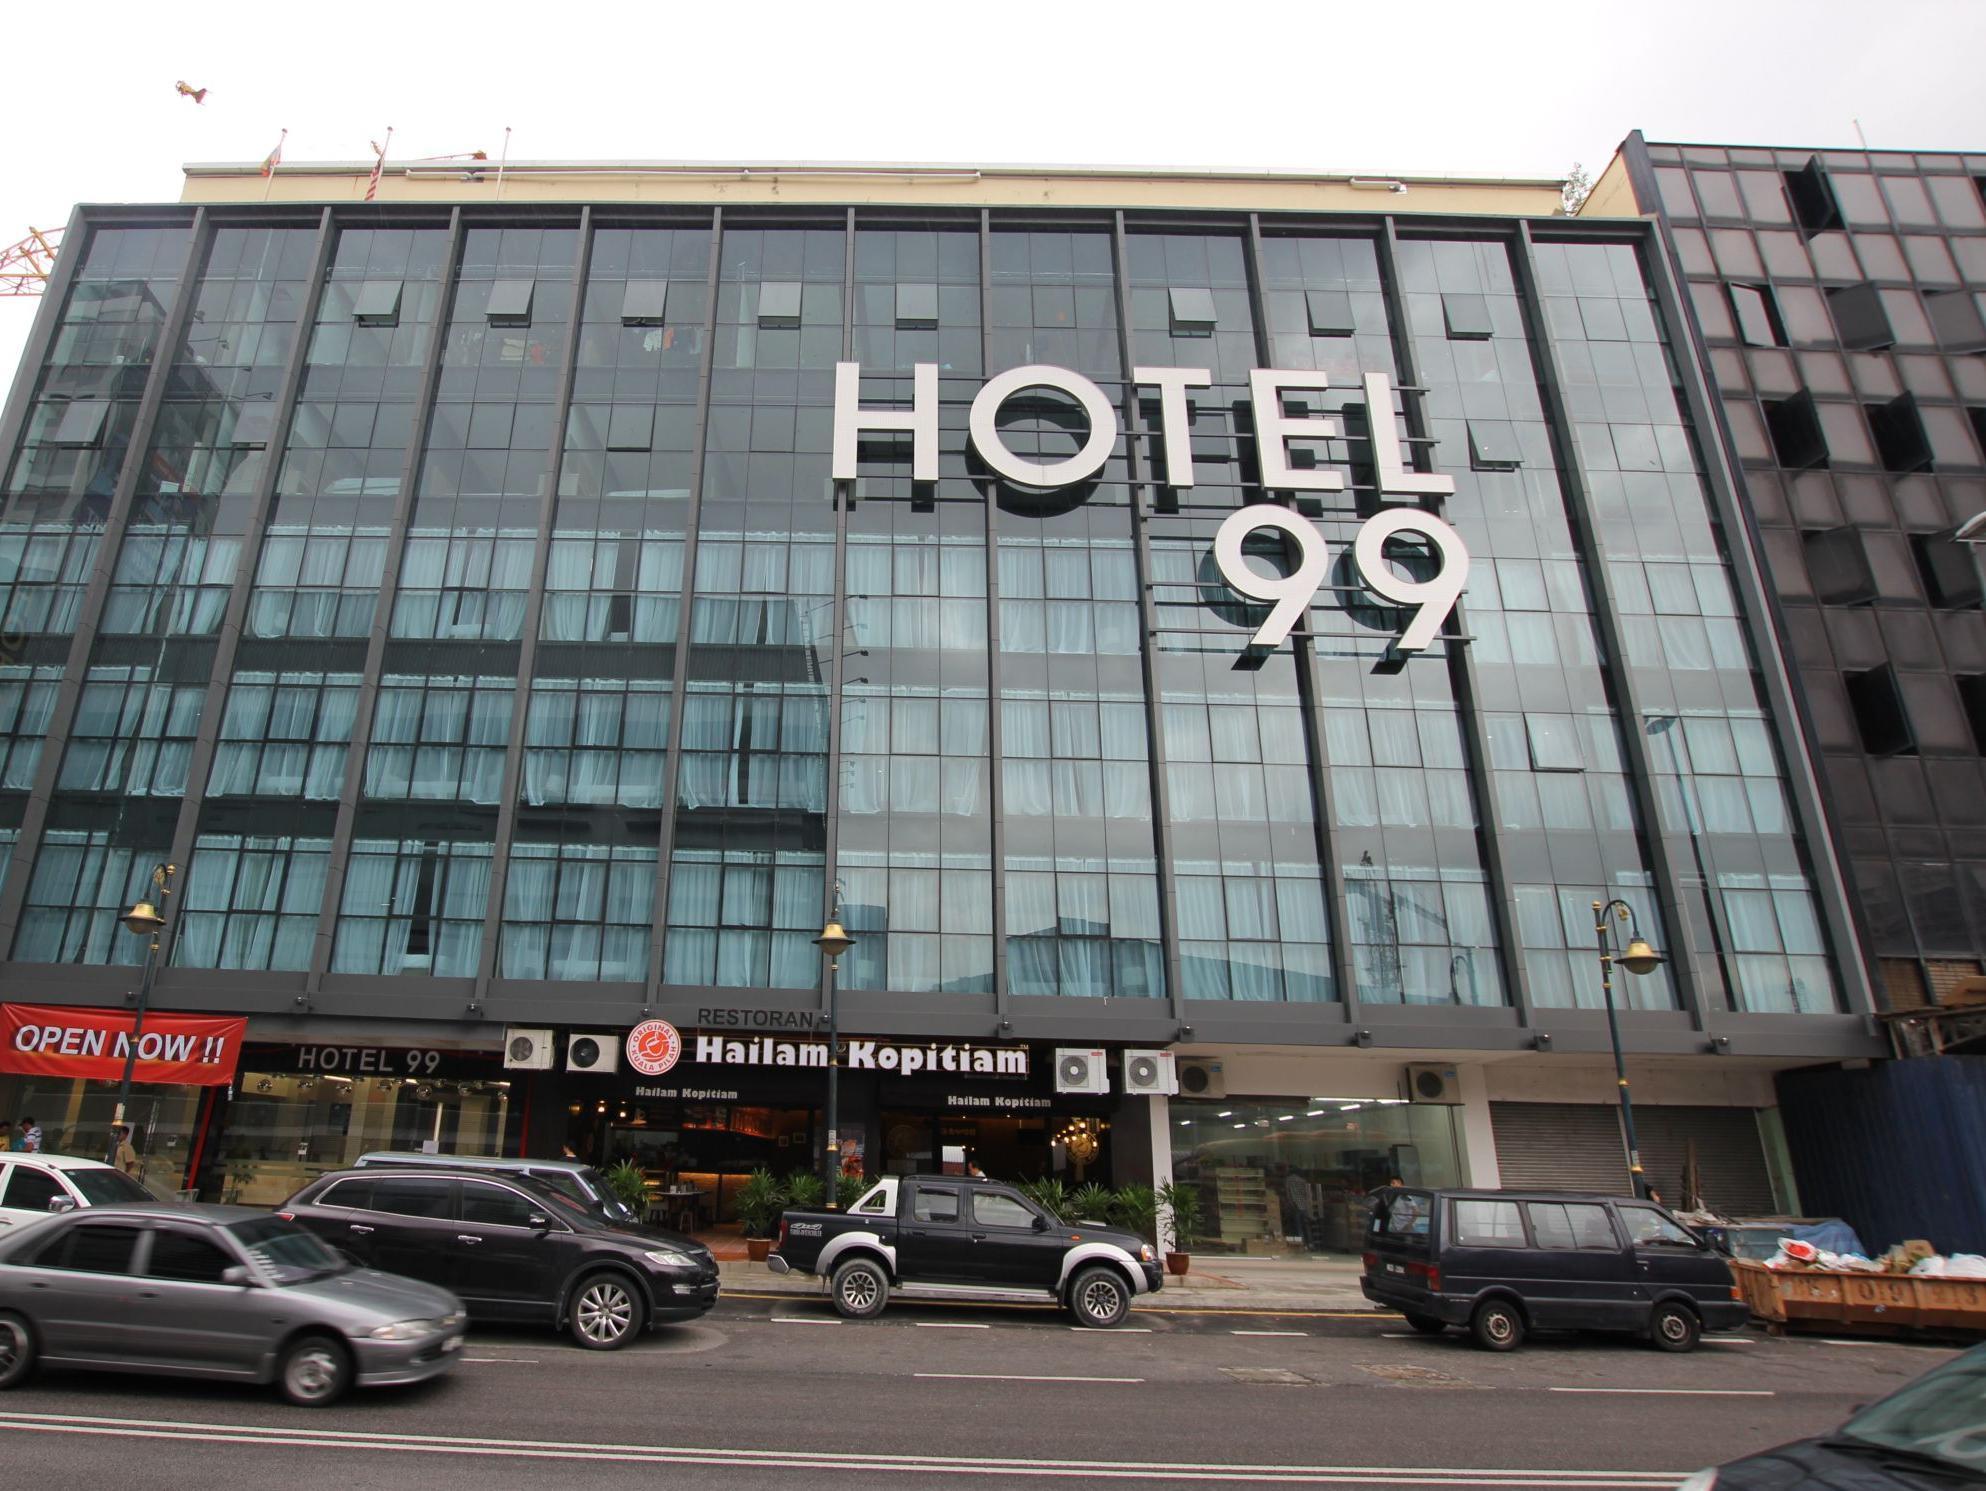 Hotel 99 Kuala Lumpur  Chinatown